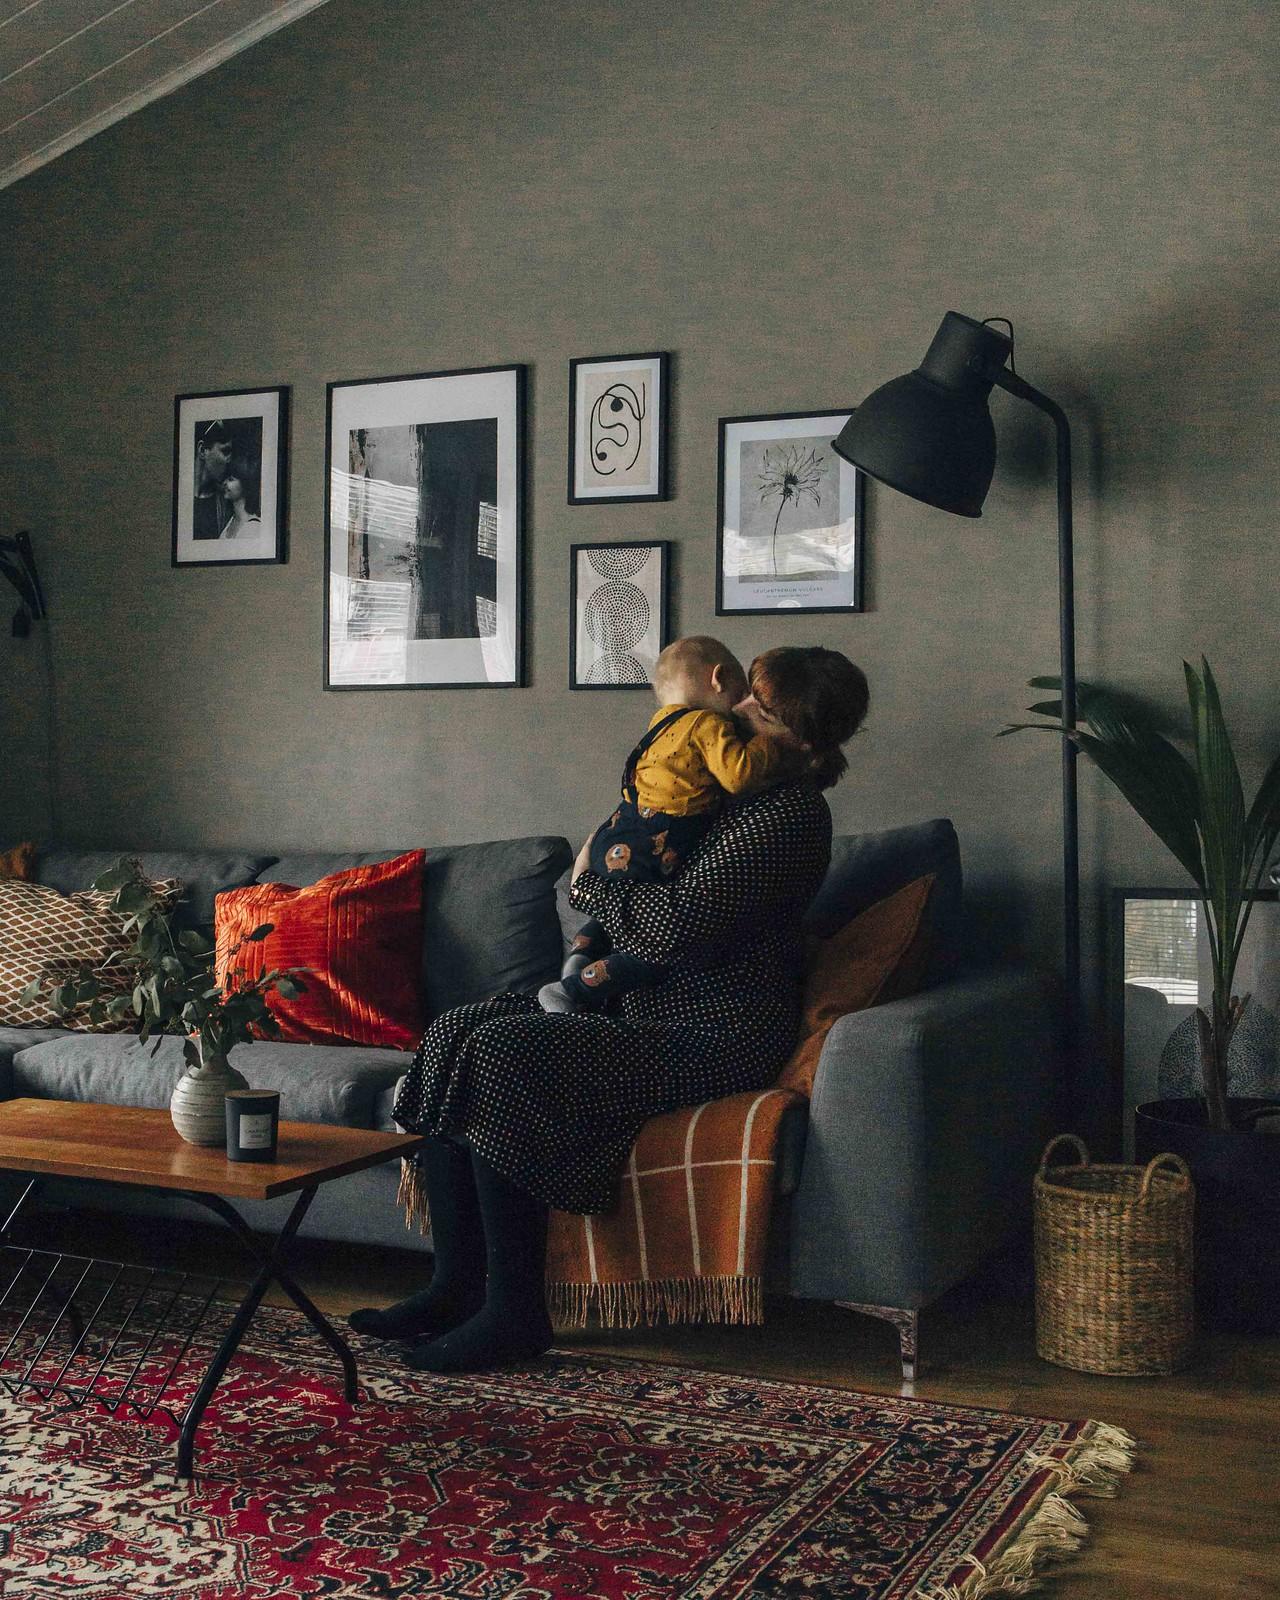 Nainen istuu harmaalla sohvalla ja halaa taaperoa.